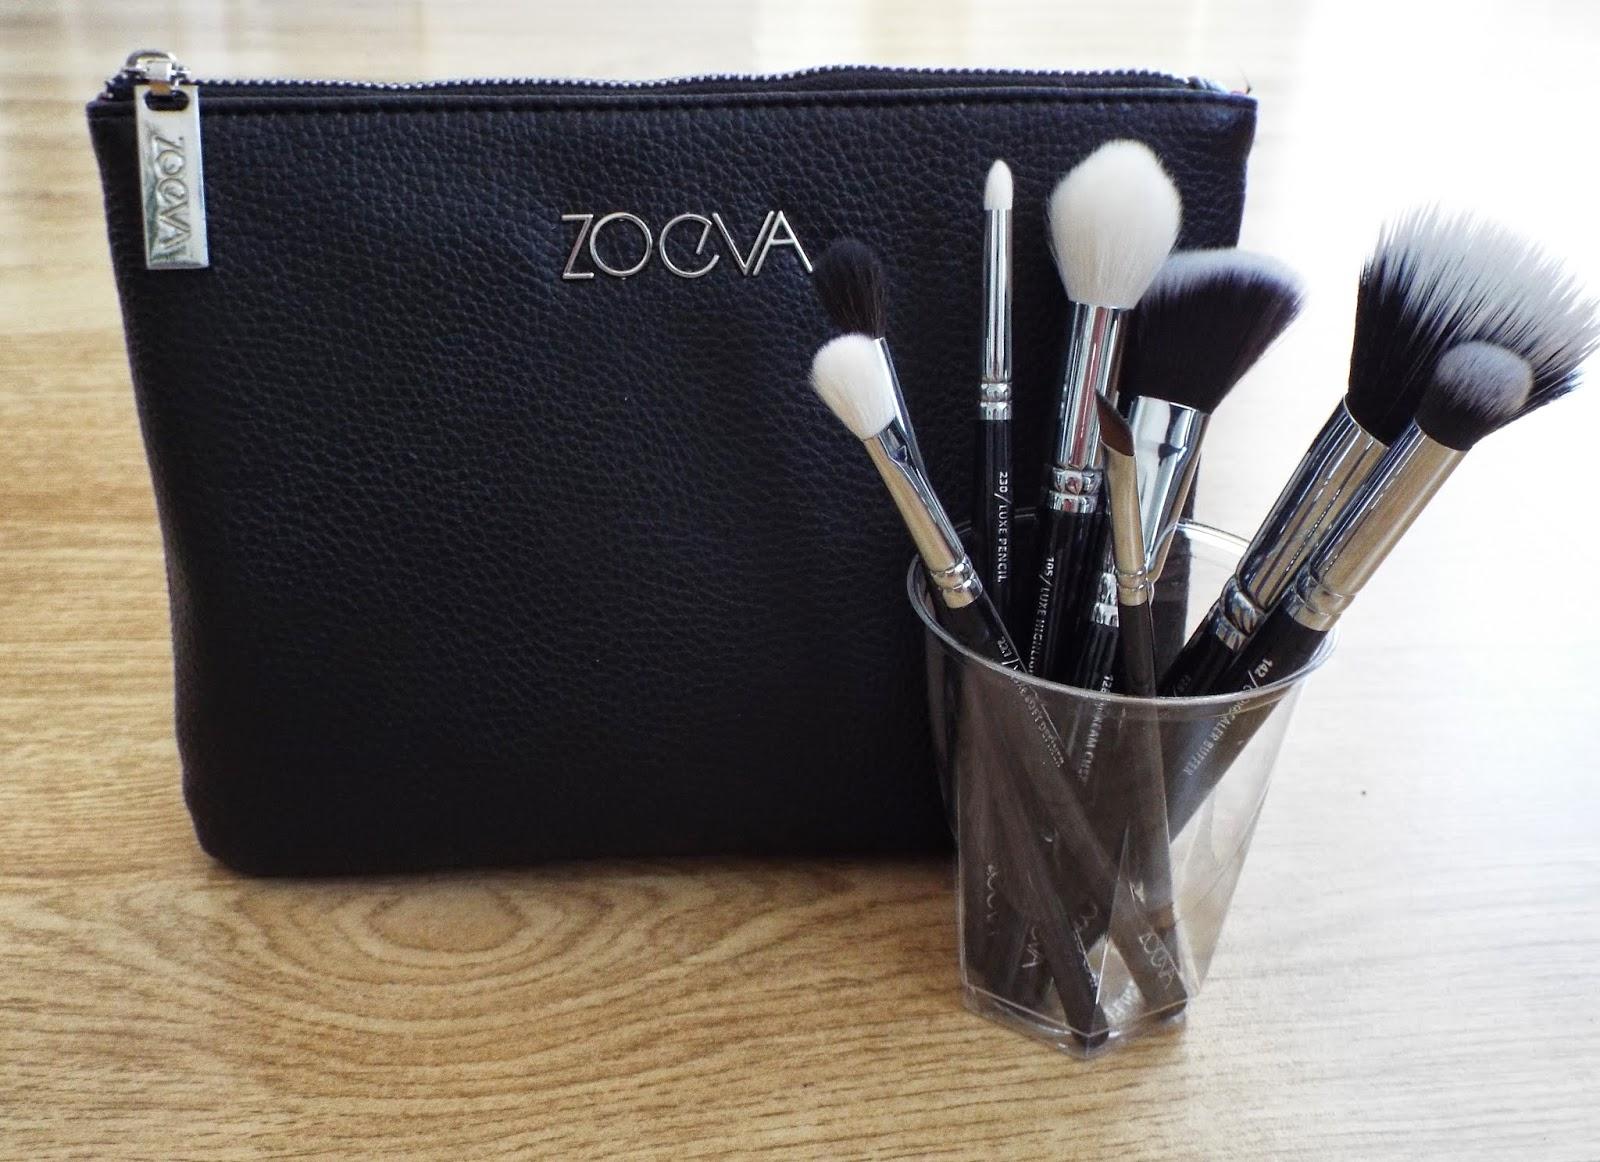 Pinceaux Zoeva : Le Classic brush set